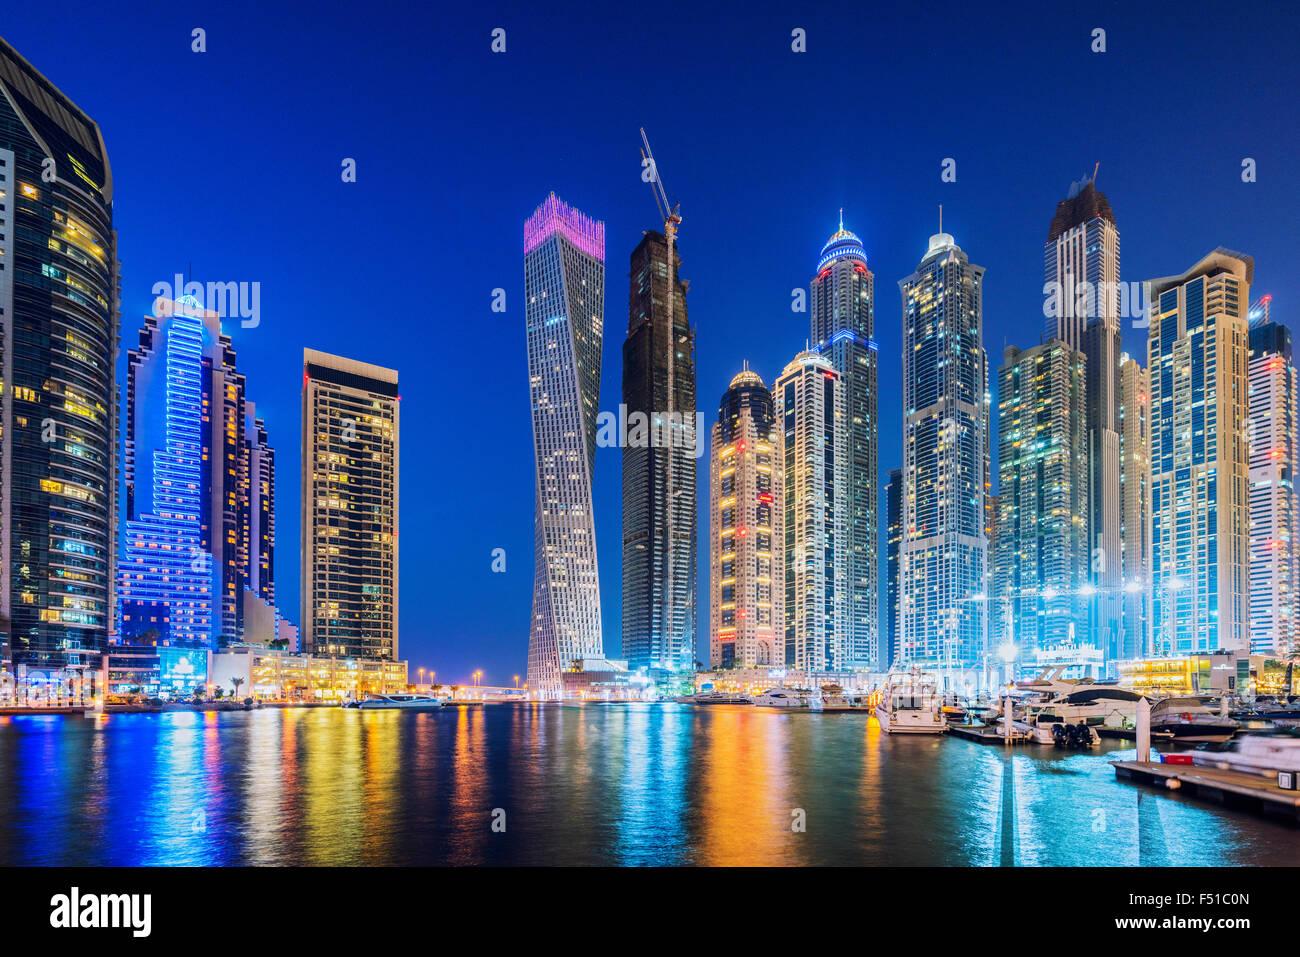 Skyline von Wolkenkratzern in der Nacht im Marina District von Dubai Vereinigte Arabische Emirate Stockbild